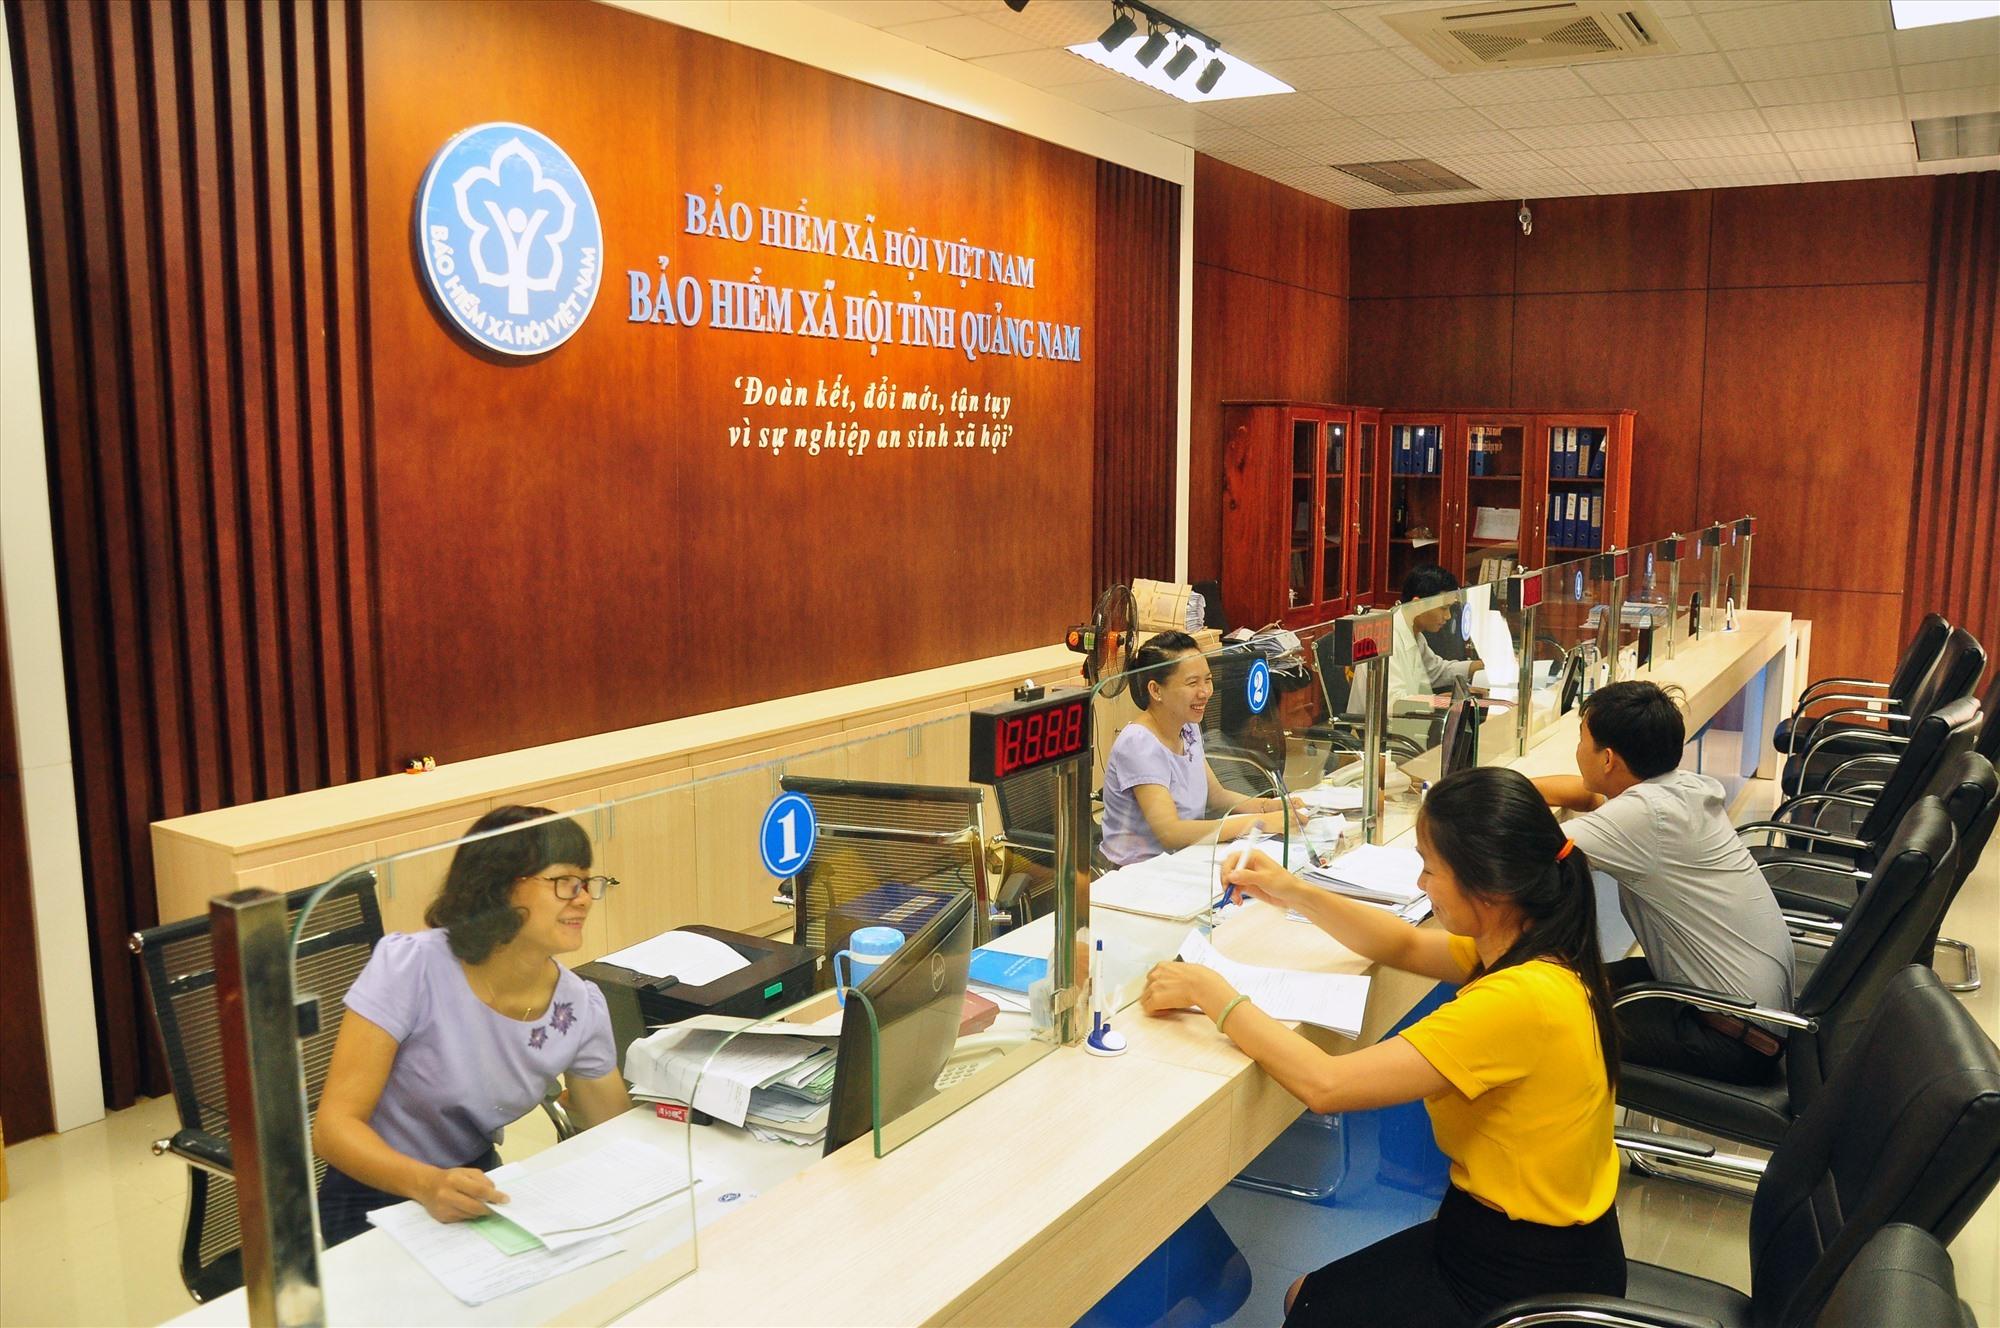 BHXH Việt Nam là đơn vị đầu tiên ngoài ngành công an được triển khai dịch vụ kết nối và xác thực dữ liệu từ CSDLQG về dân cư. Ảnh: B.H